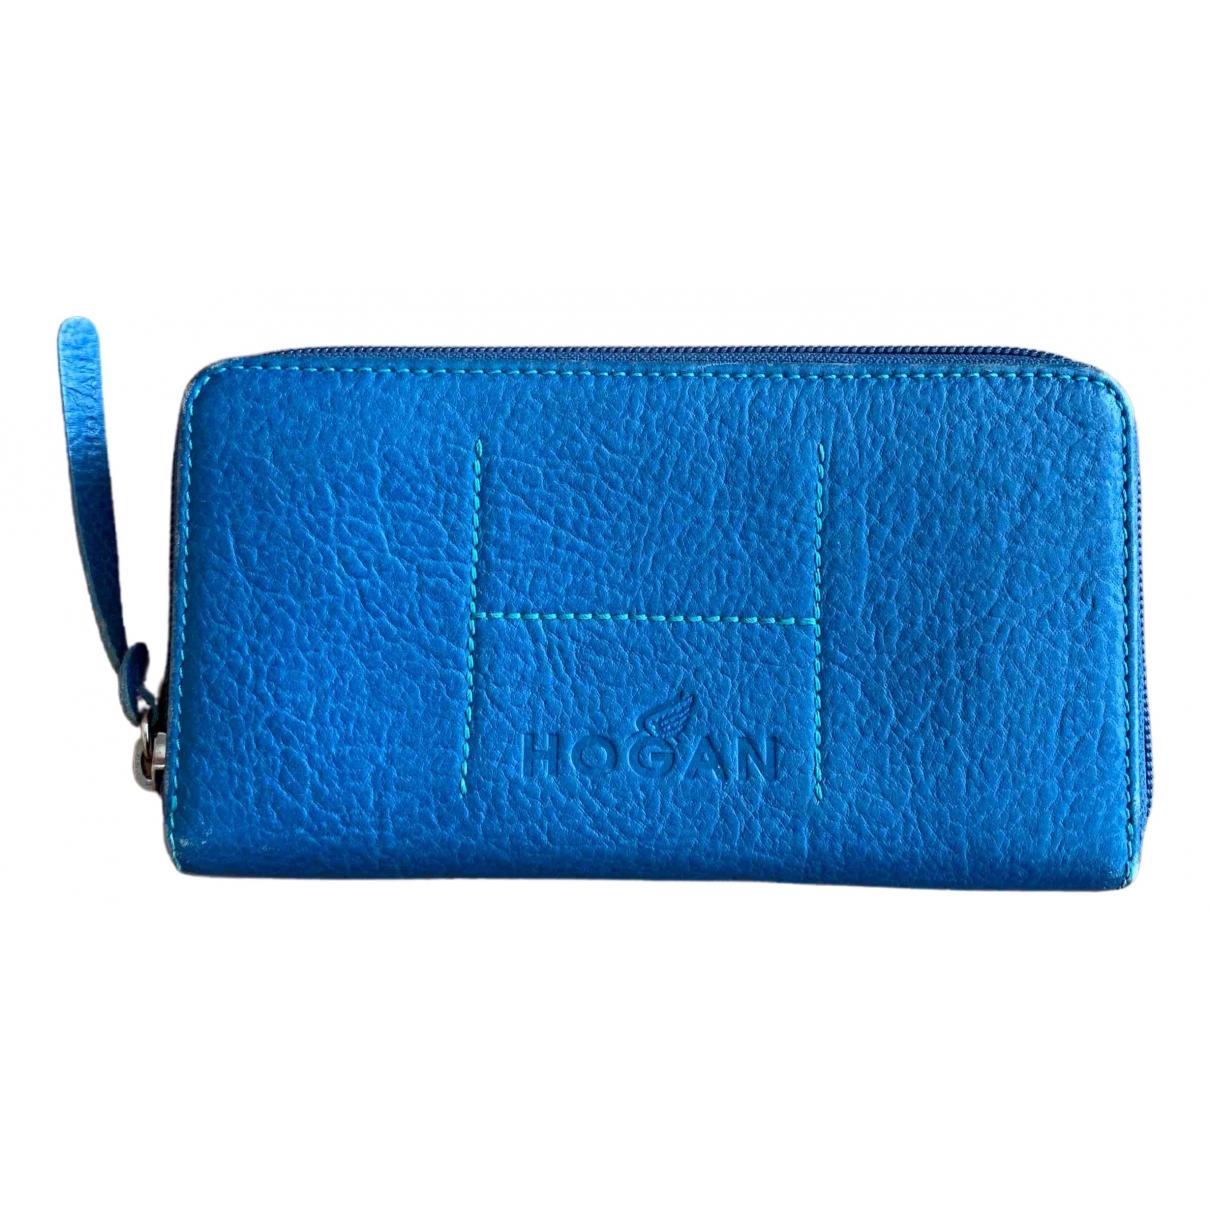 Cartera de Cuero Hogan